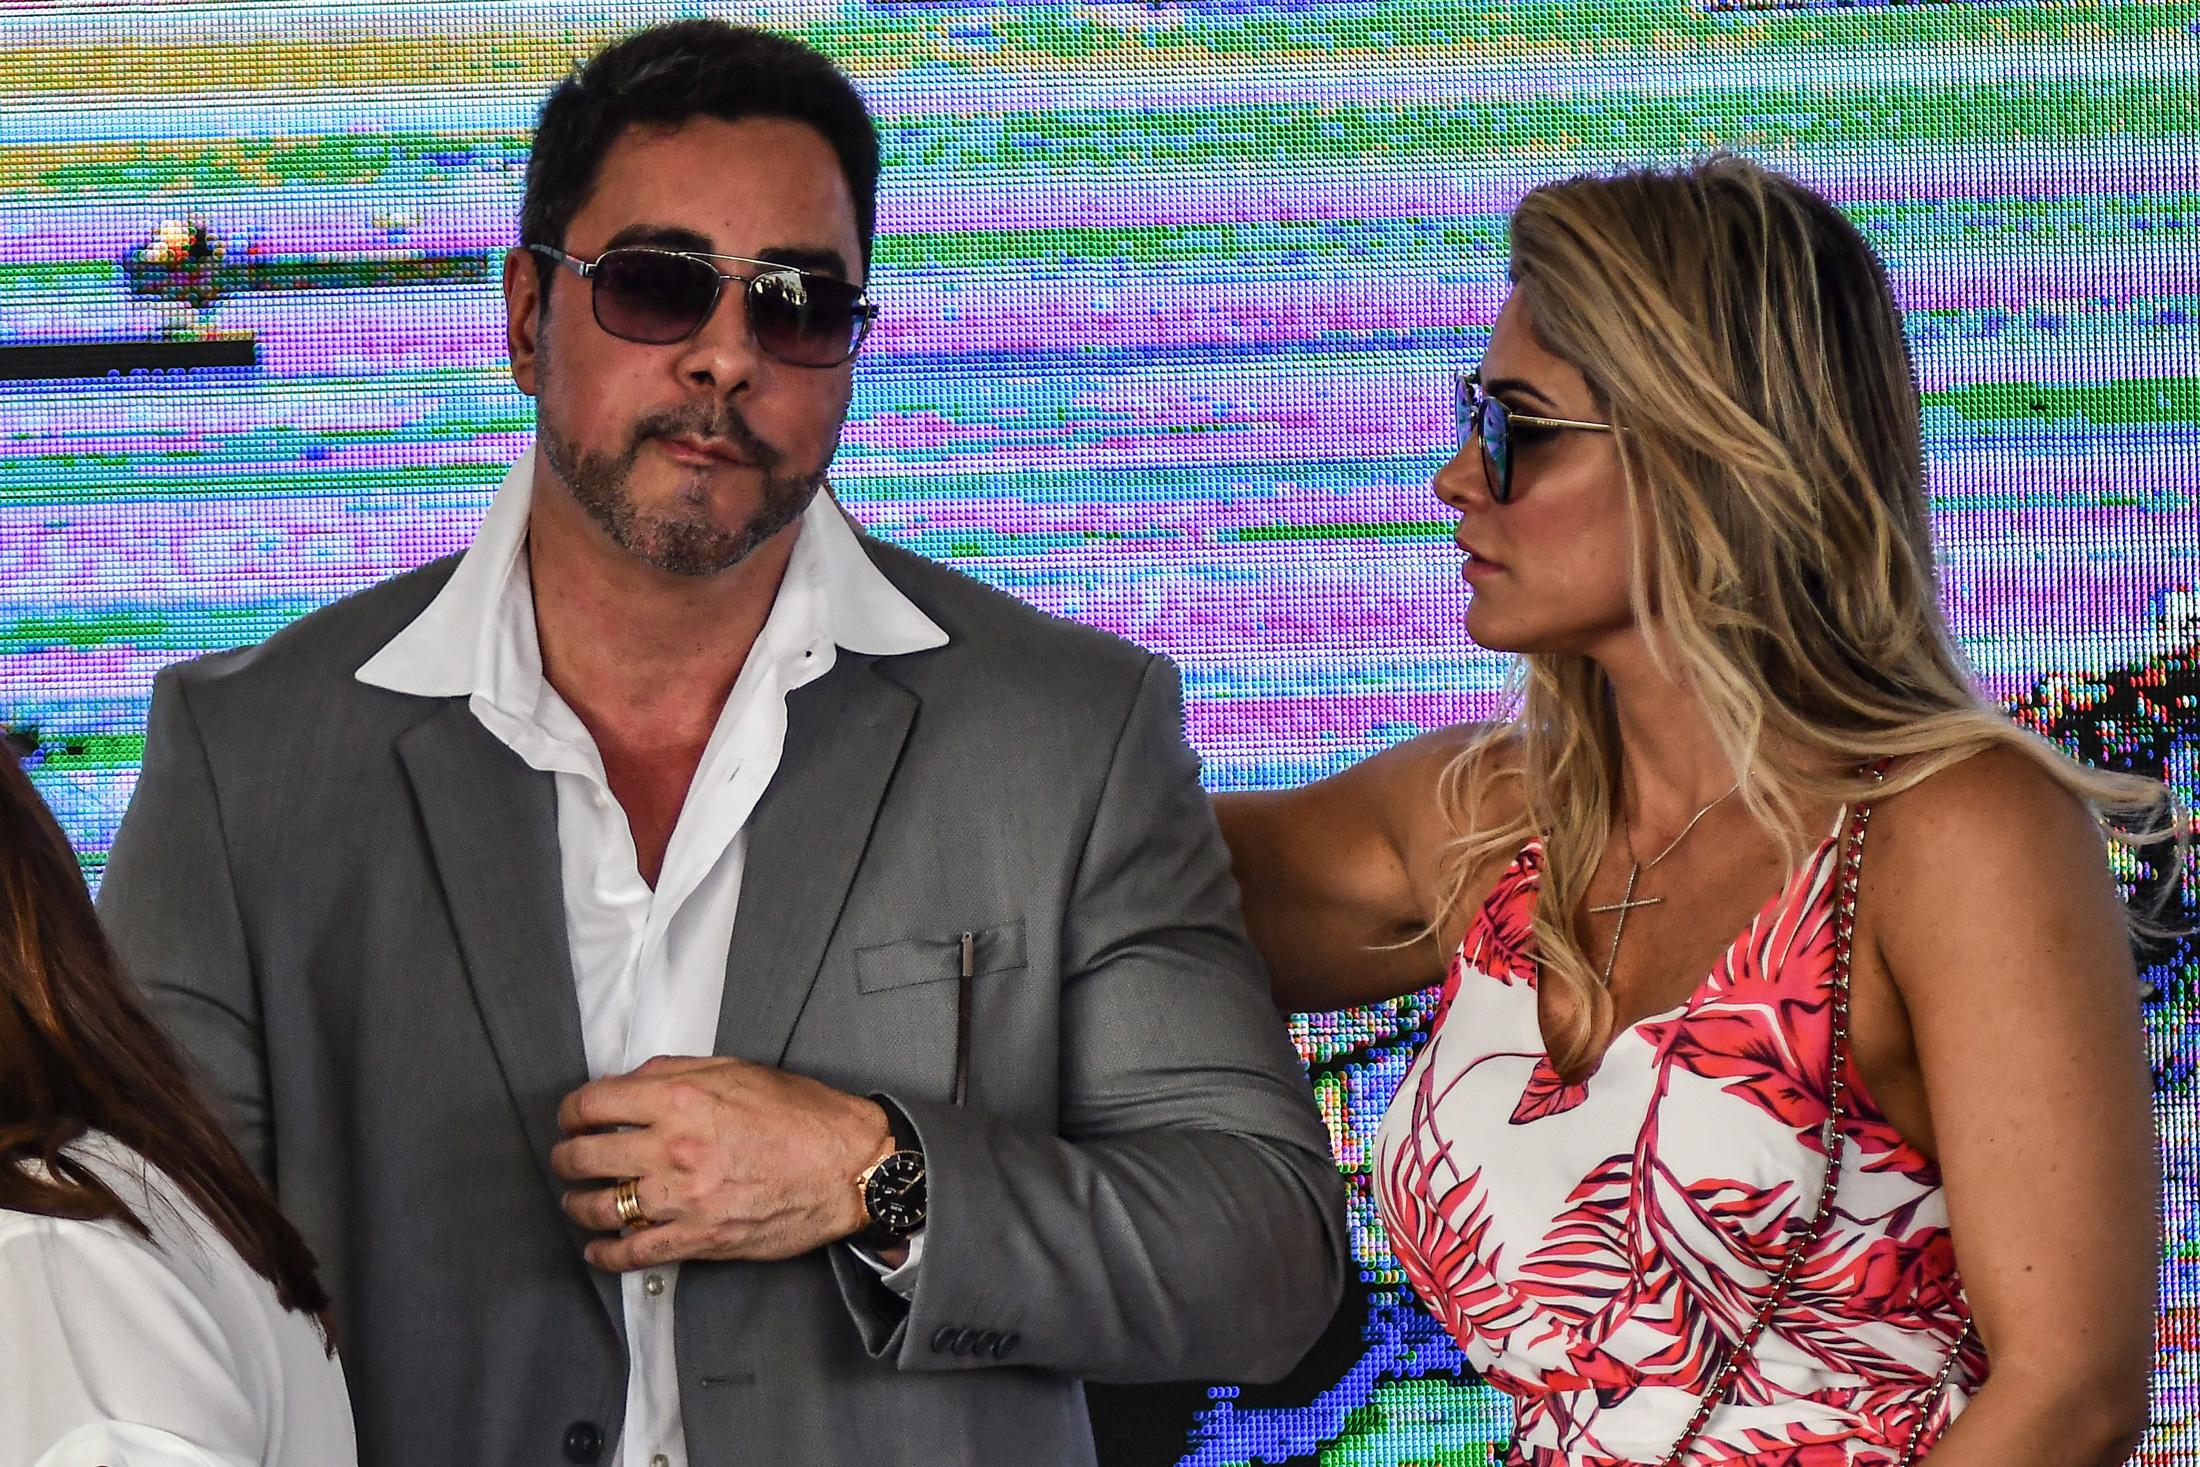 Juiz Marcelo Bretas e sua esposa juíza Simone Bretas presentes durante cerimônia de inauguração da alça de ligação da Ponte Rio-Niterói à Linha Vermelha.